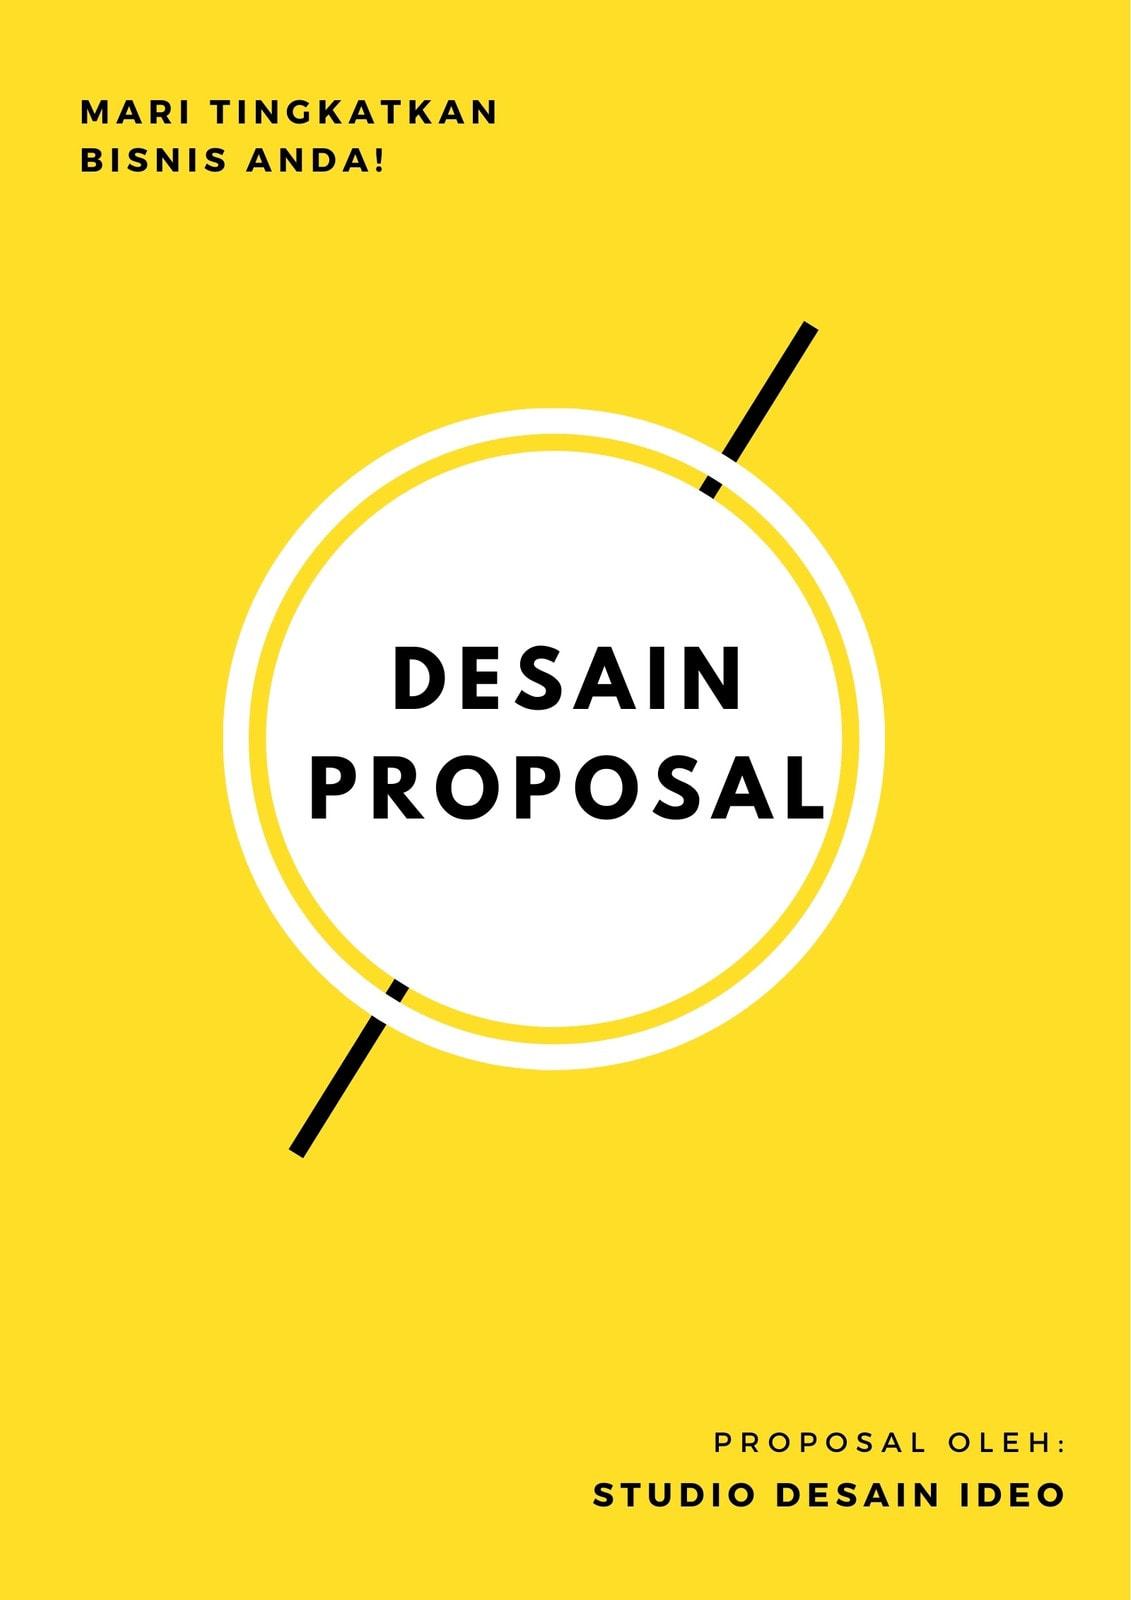 Kuning Desain Umum Proposal